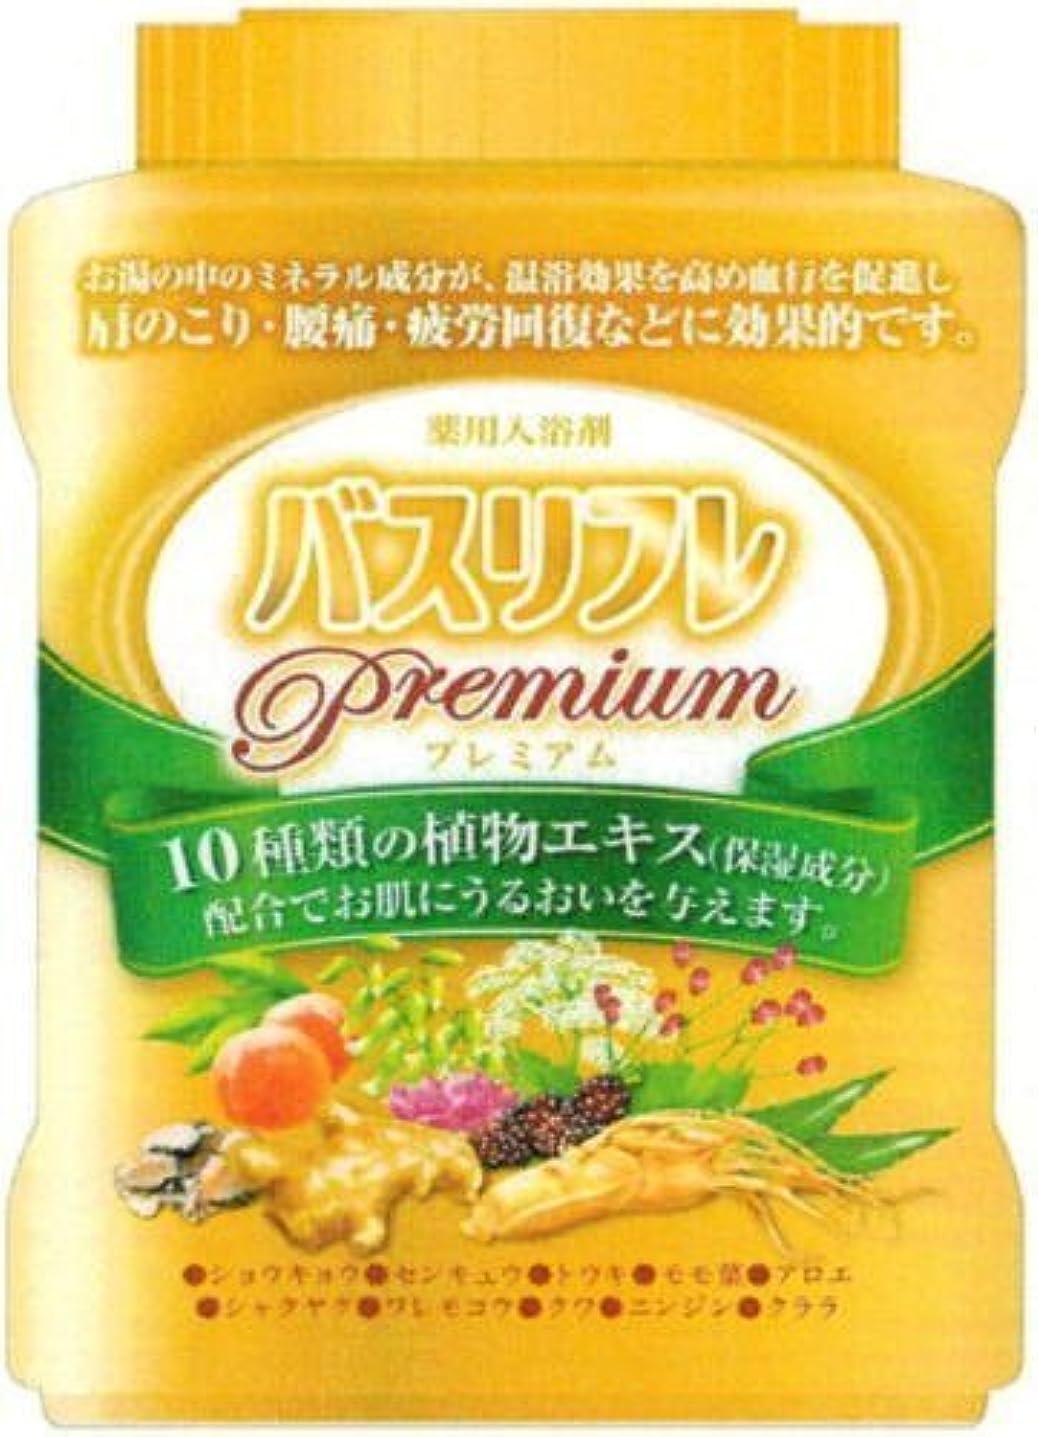 直径ファブリックスワップライオンケミカル バスリフレ 薬用入浴剤プレミアム 680g Japan